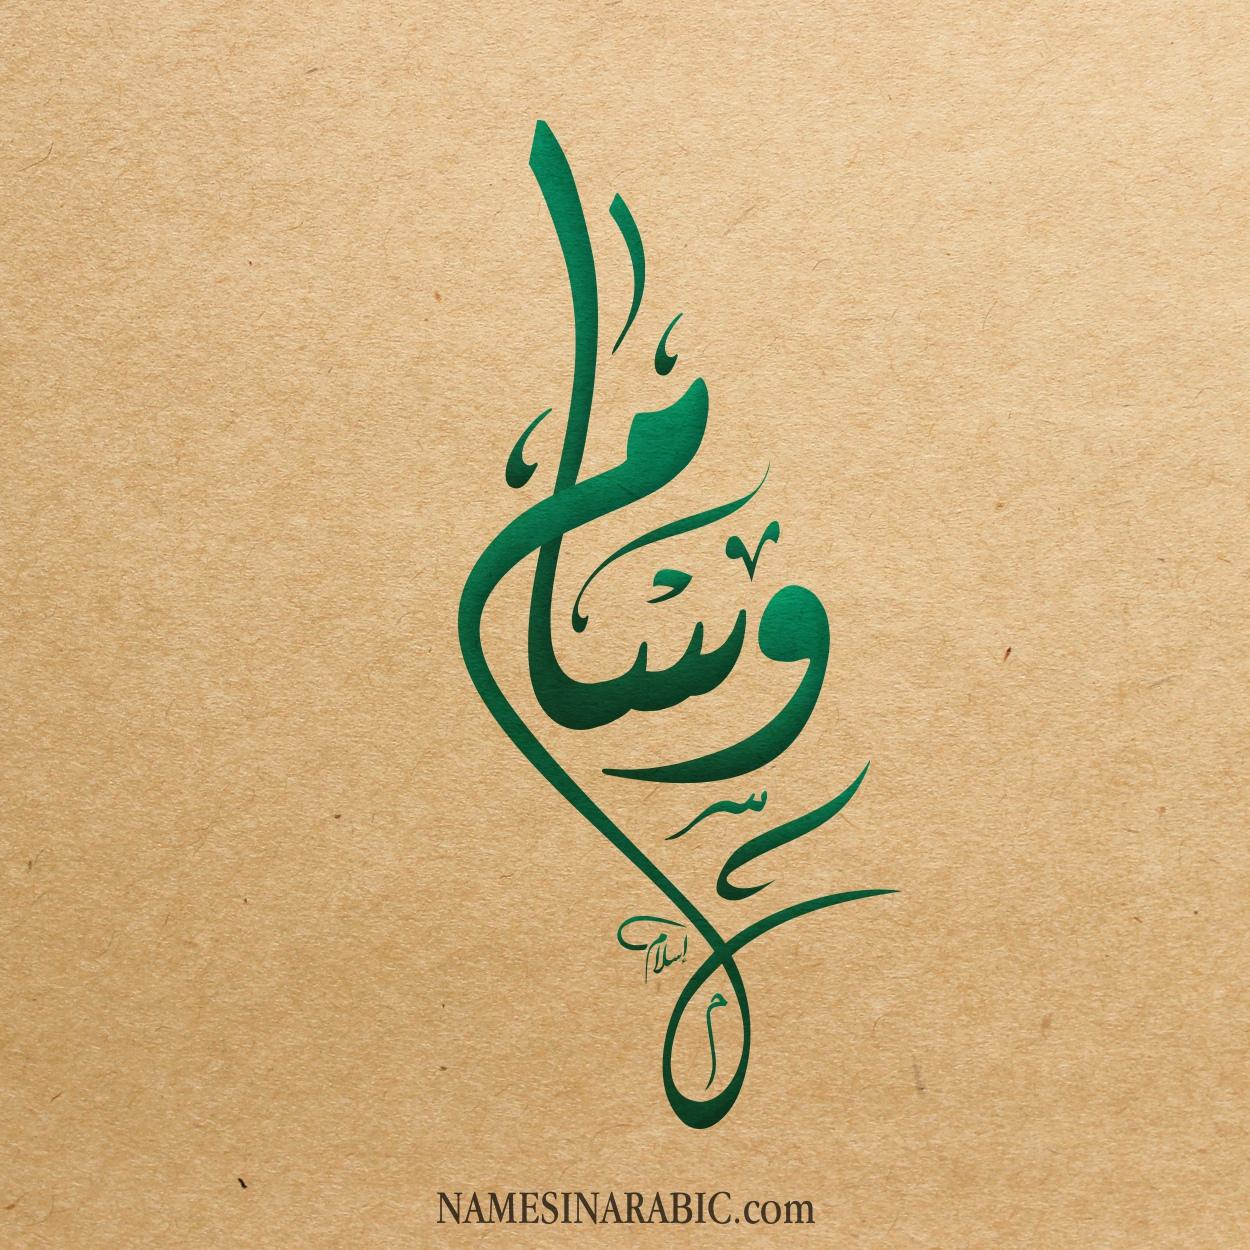 صورة اسم وسام Wesam اسم وسام بالخط العربي من موقع الأسماء بالخط العربي بريشة الفنان إسلام ابن الفضل